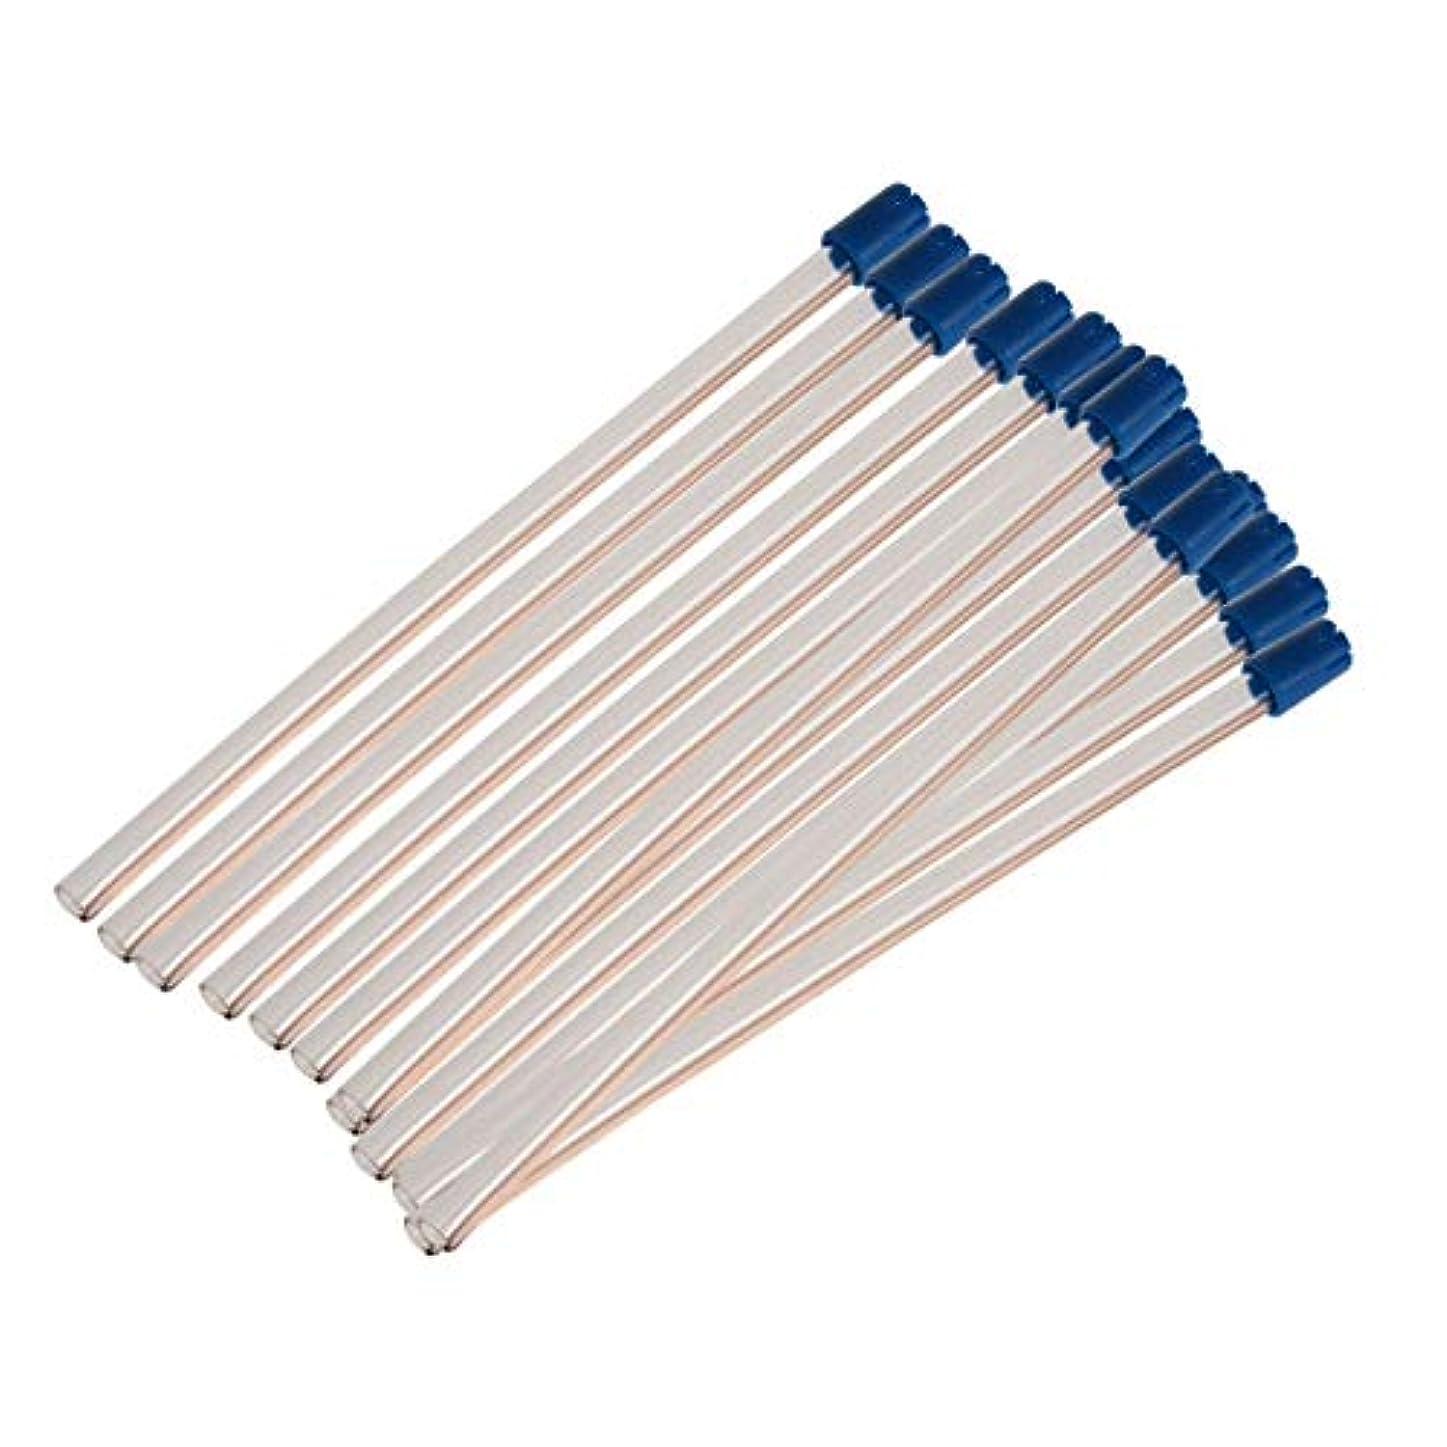 すりバウンス透過性Healifty 100個 吸引カテーテル 使い捨て歯科手術用吸引チューブ唾液エジェクタチューブ用品